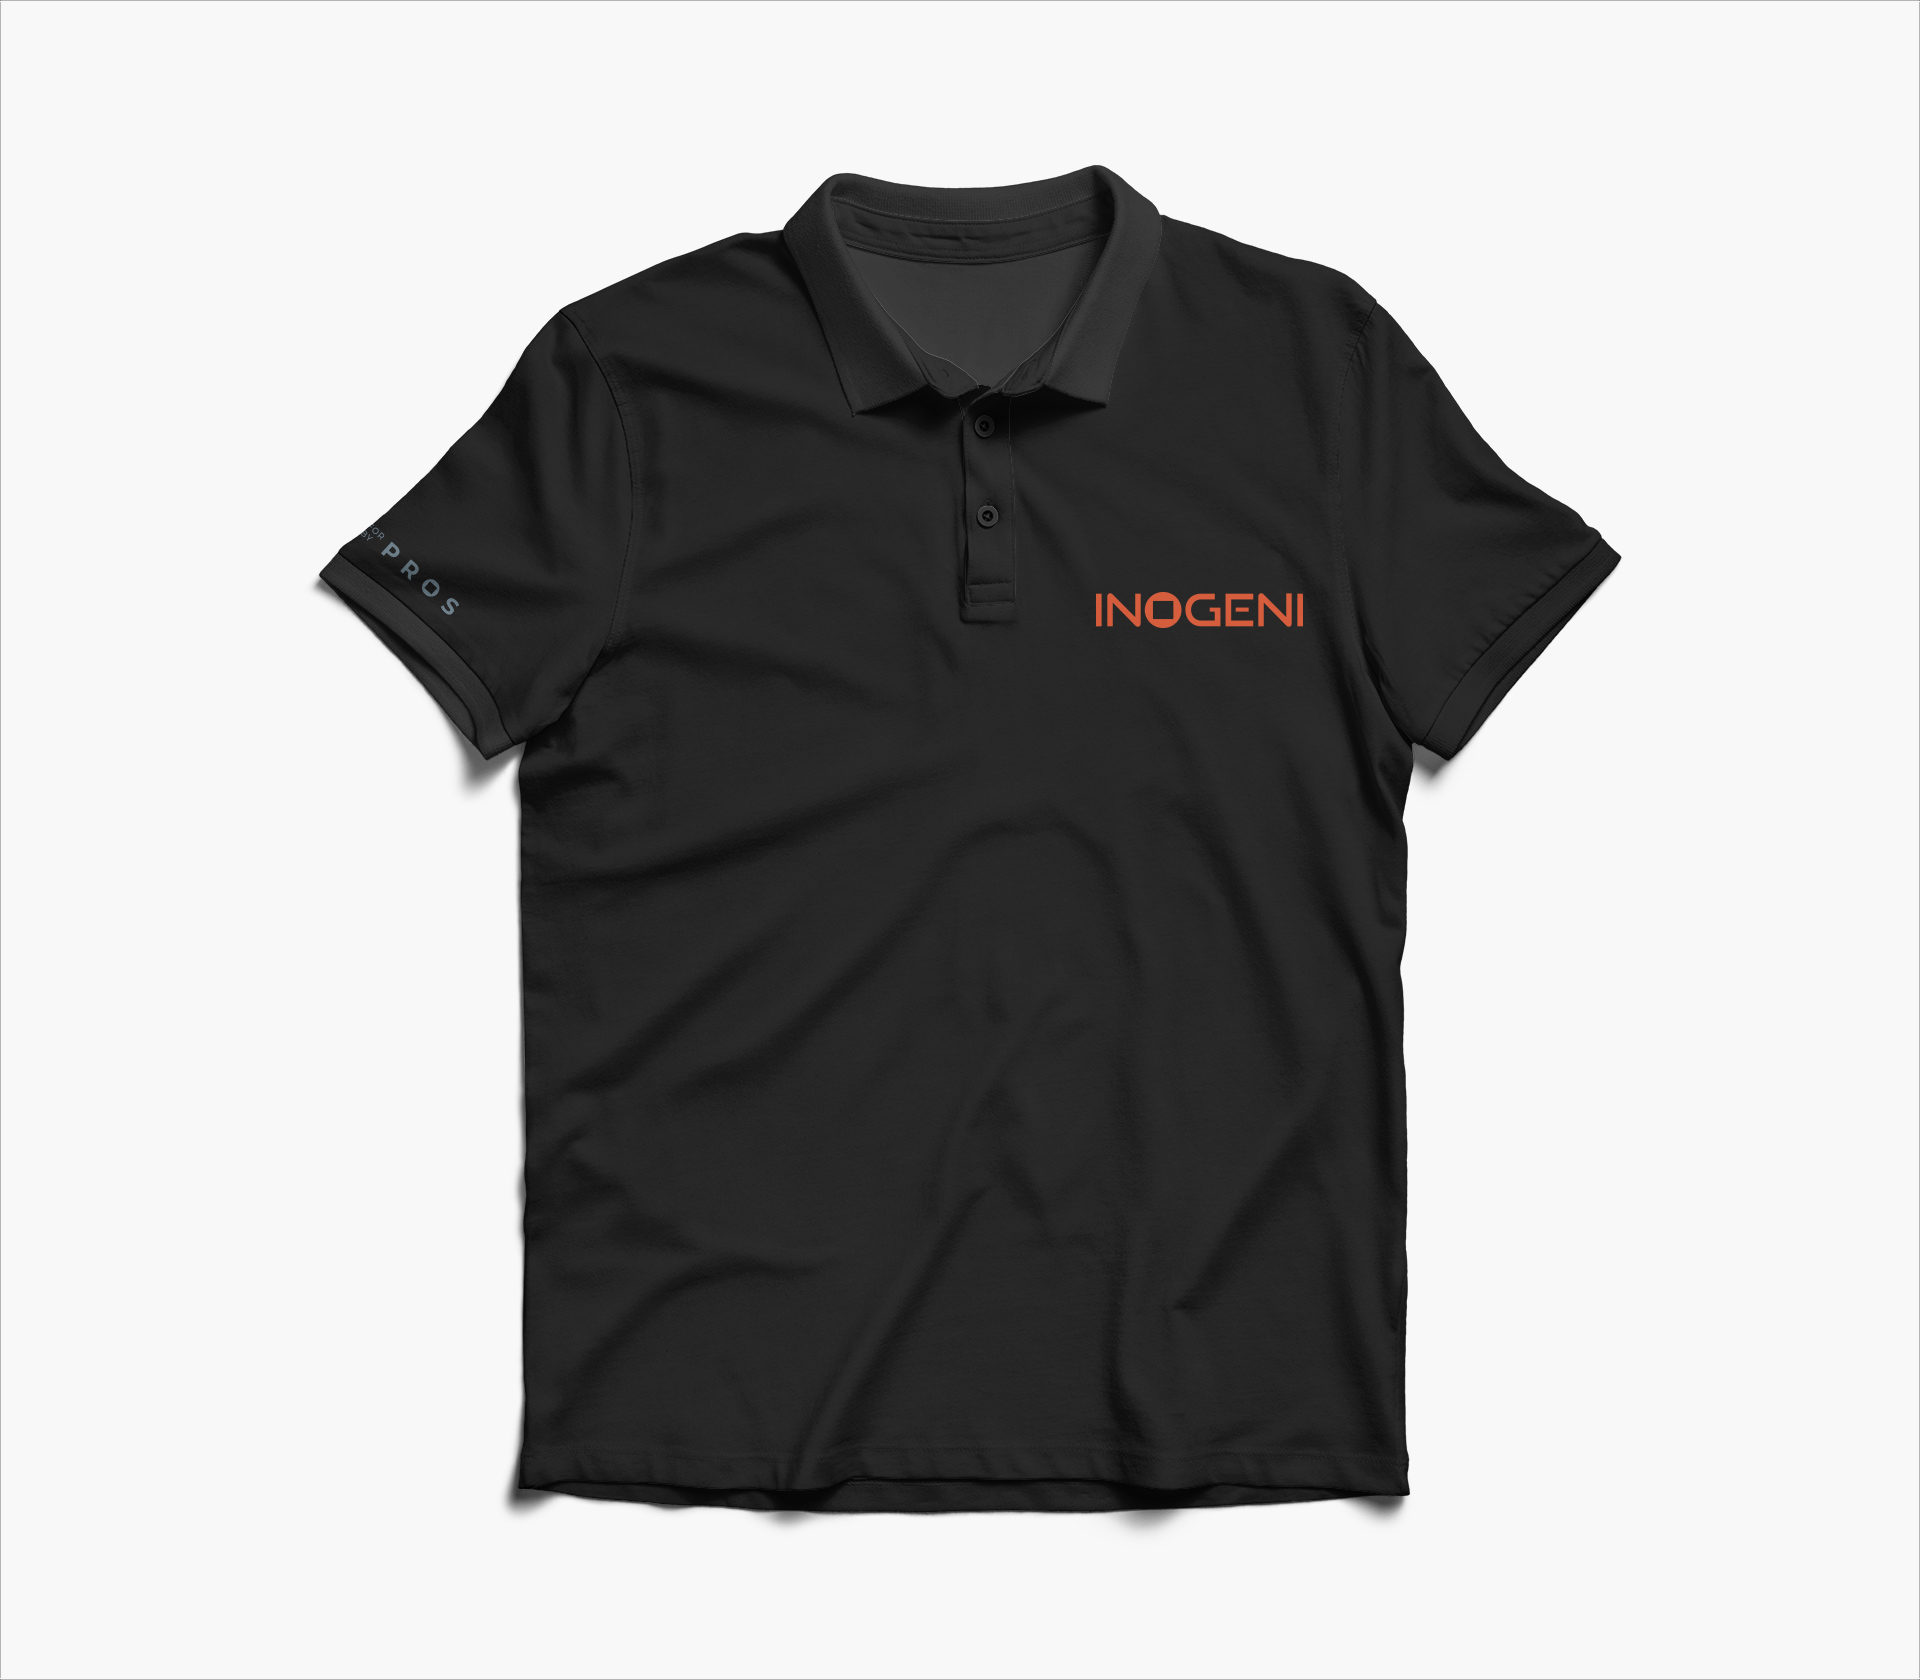 T-shirt Inogeni 2018